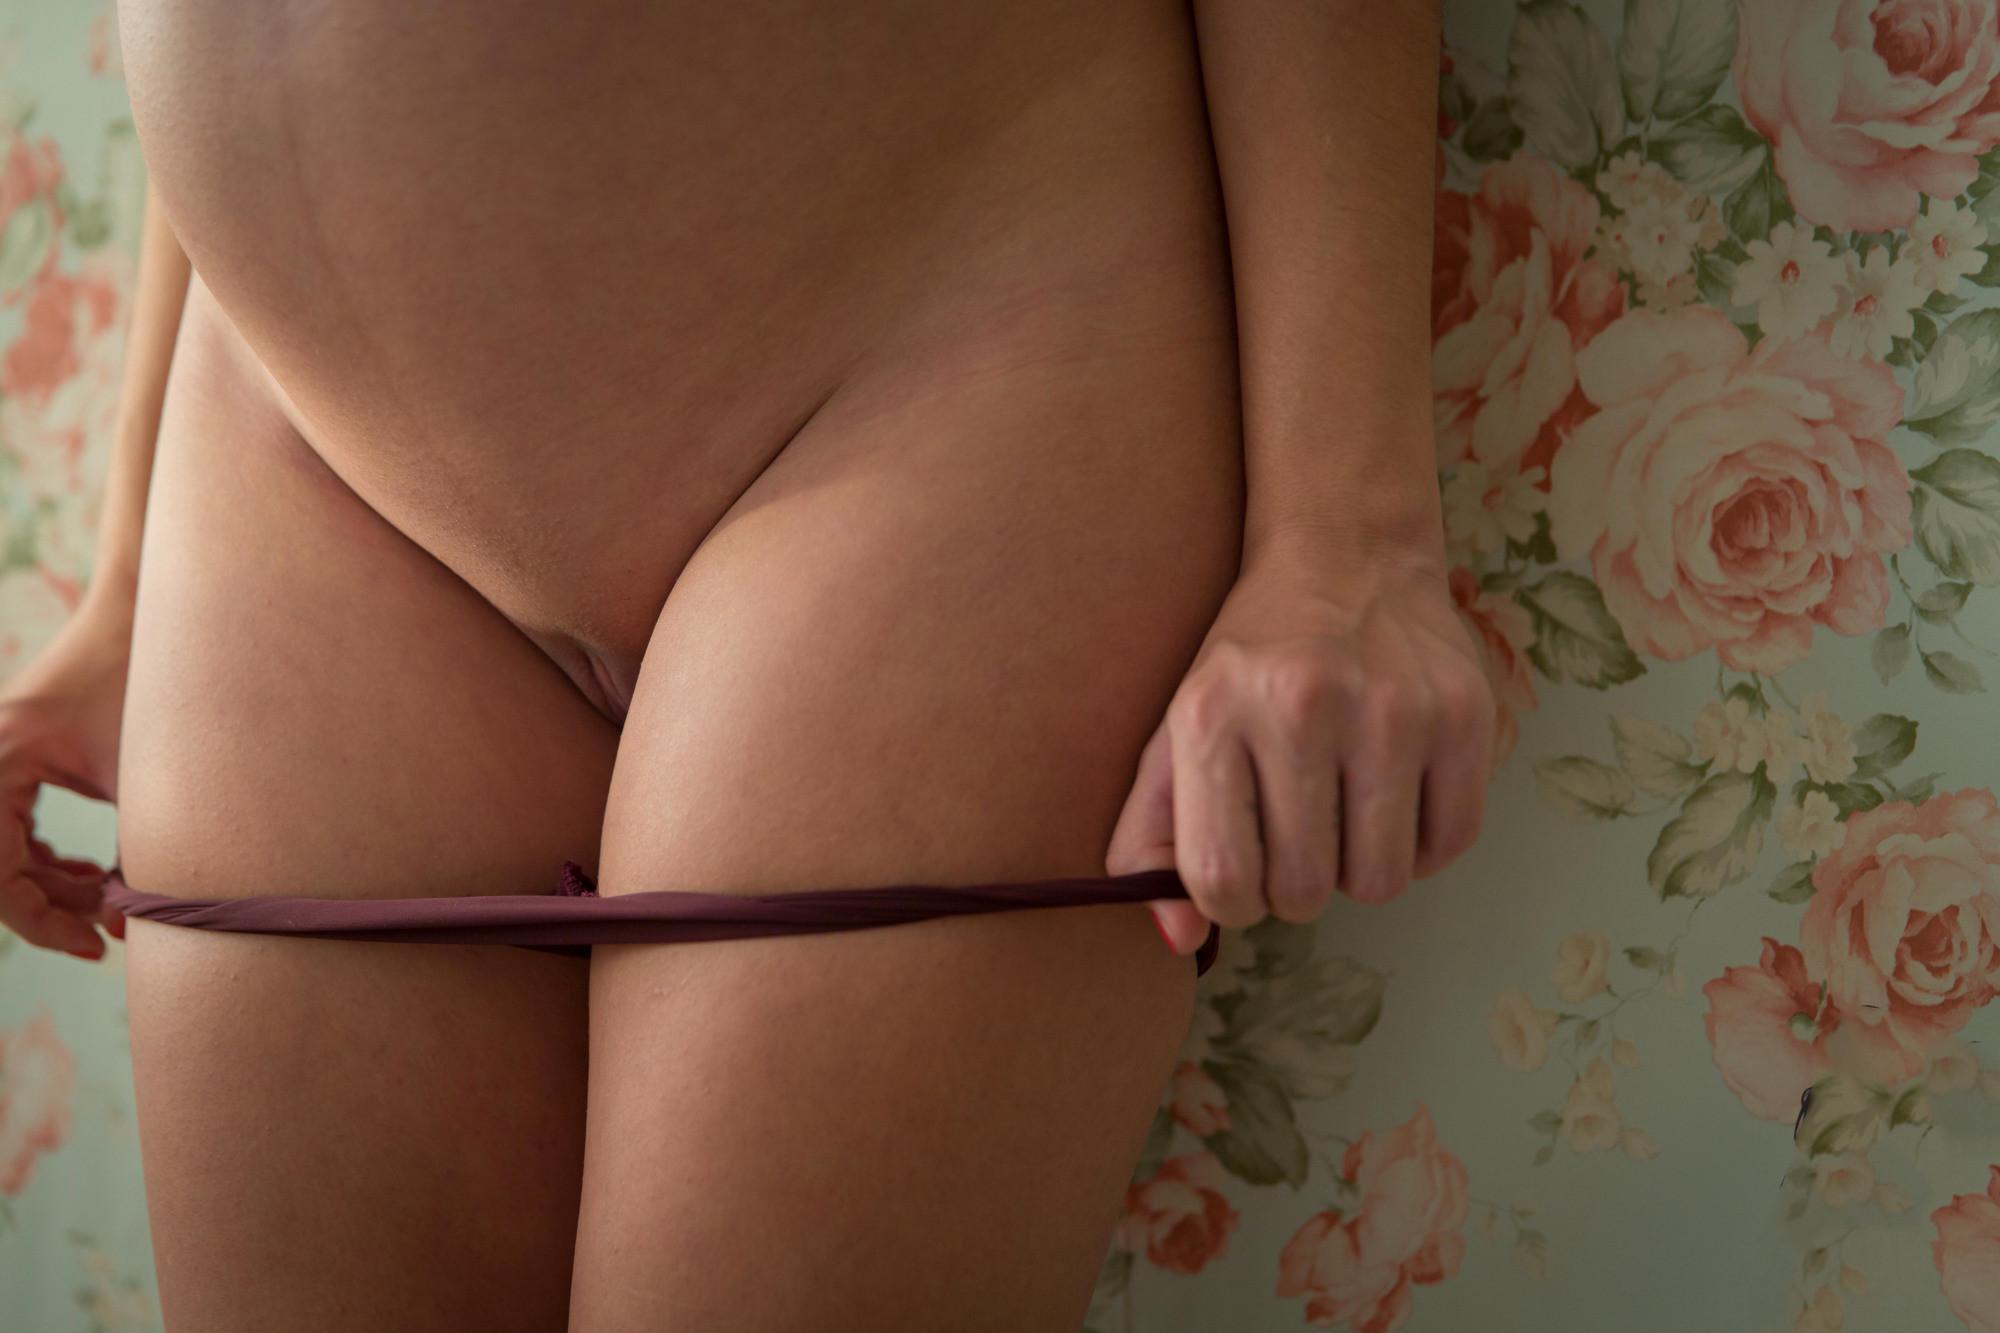 Сексуальная брюнетка с беременным животиком показывает себя с разных сторон, демонстрируя свою привлекательность